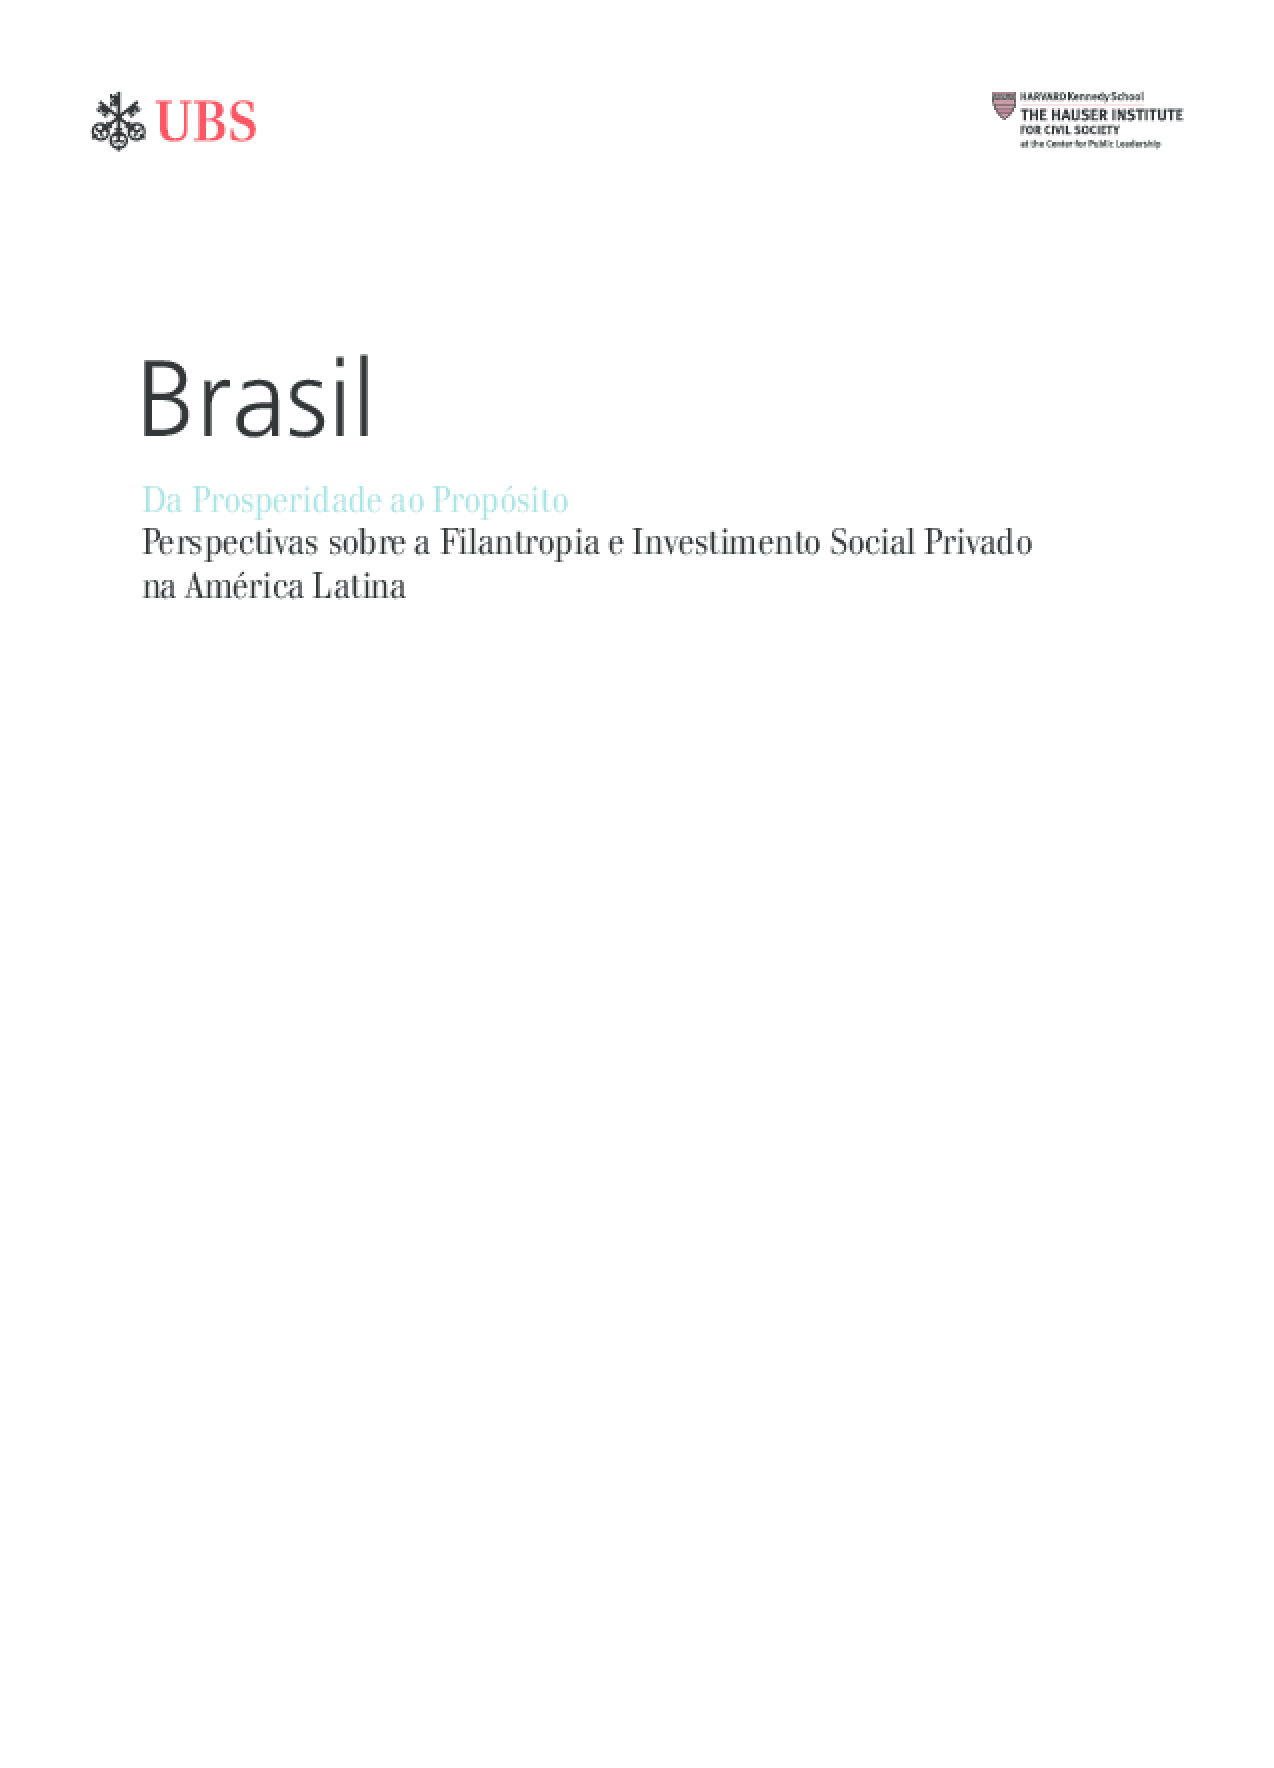 Da Prosperidade ao Propósito: Perspectivas sobre a Filantropia e Investimento Social Privado na América Latina - Brasil